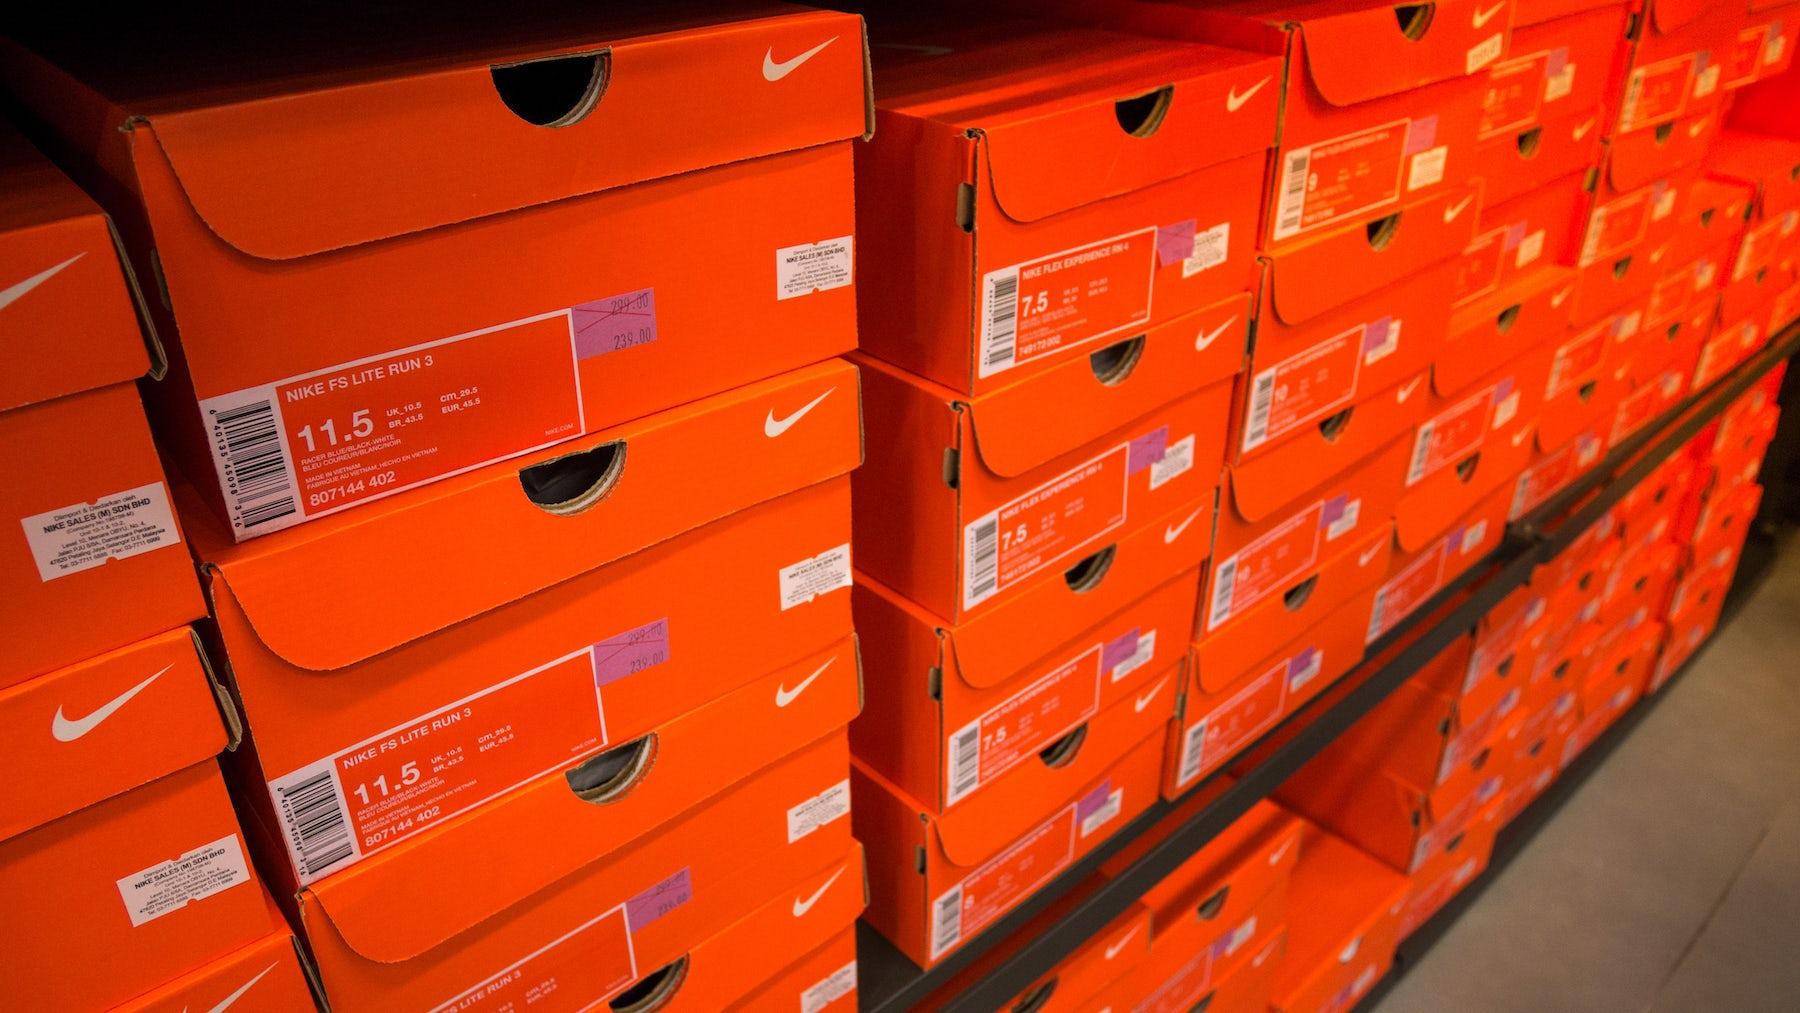 Nike Sneakers | Source: Shutterstock